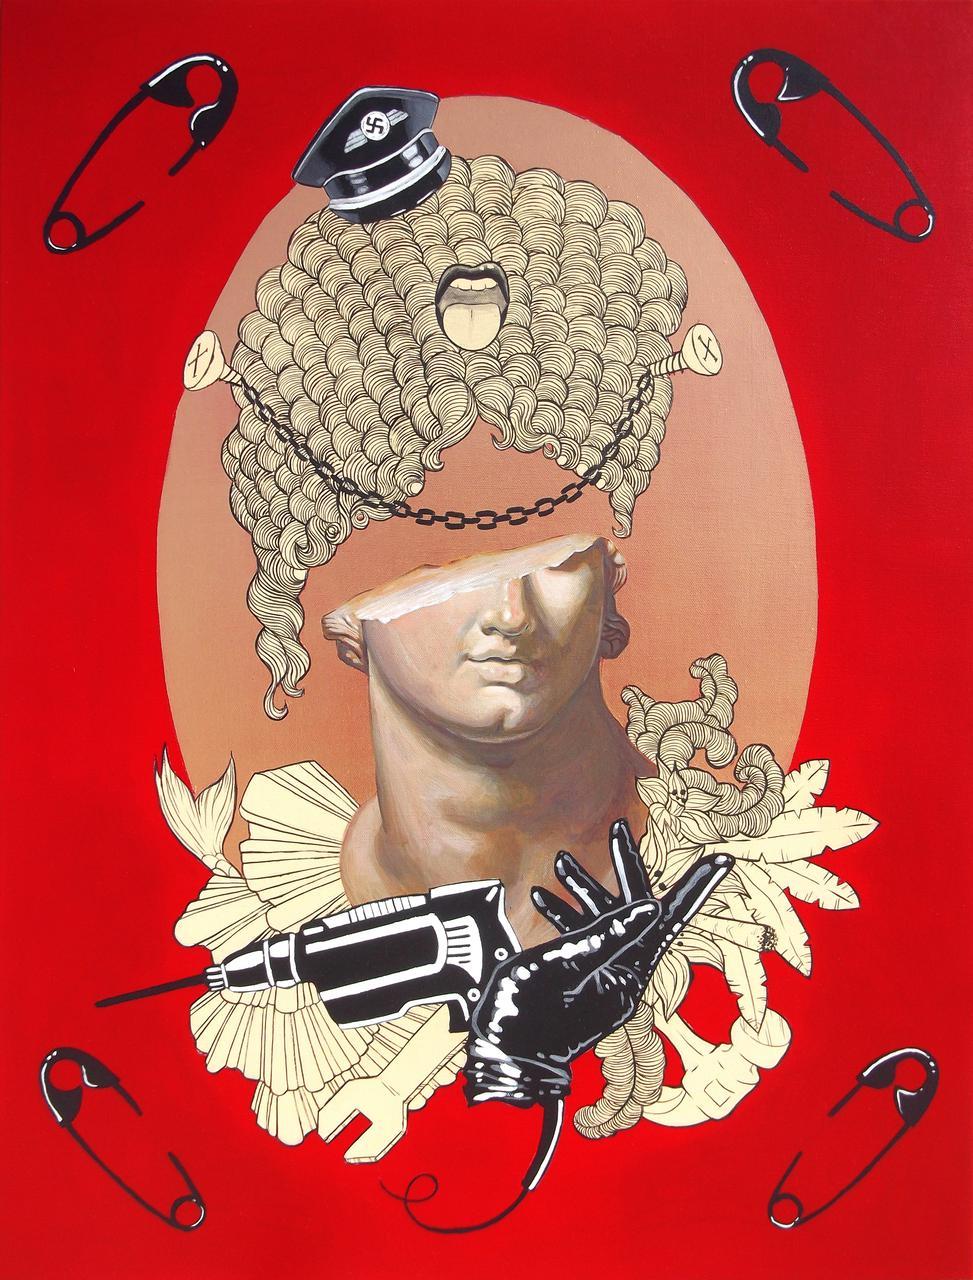 Western Civilization, acrylic on canvas, 60 x 80 cm